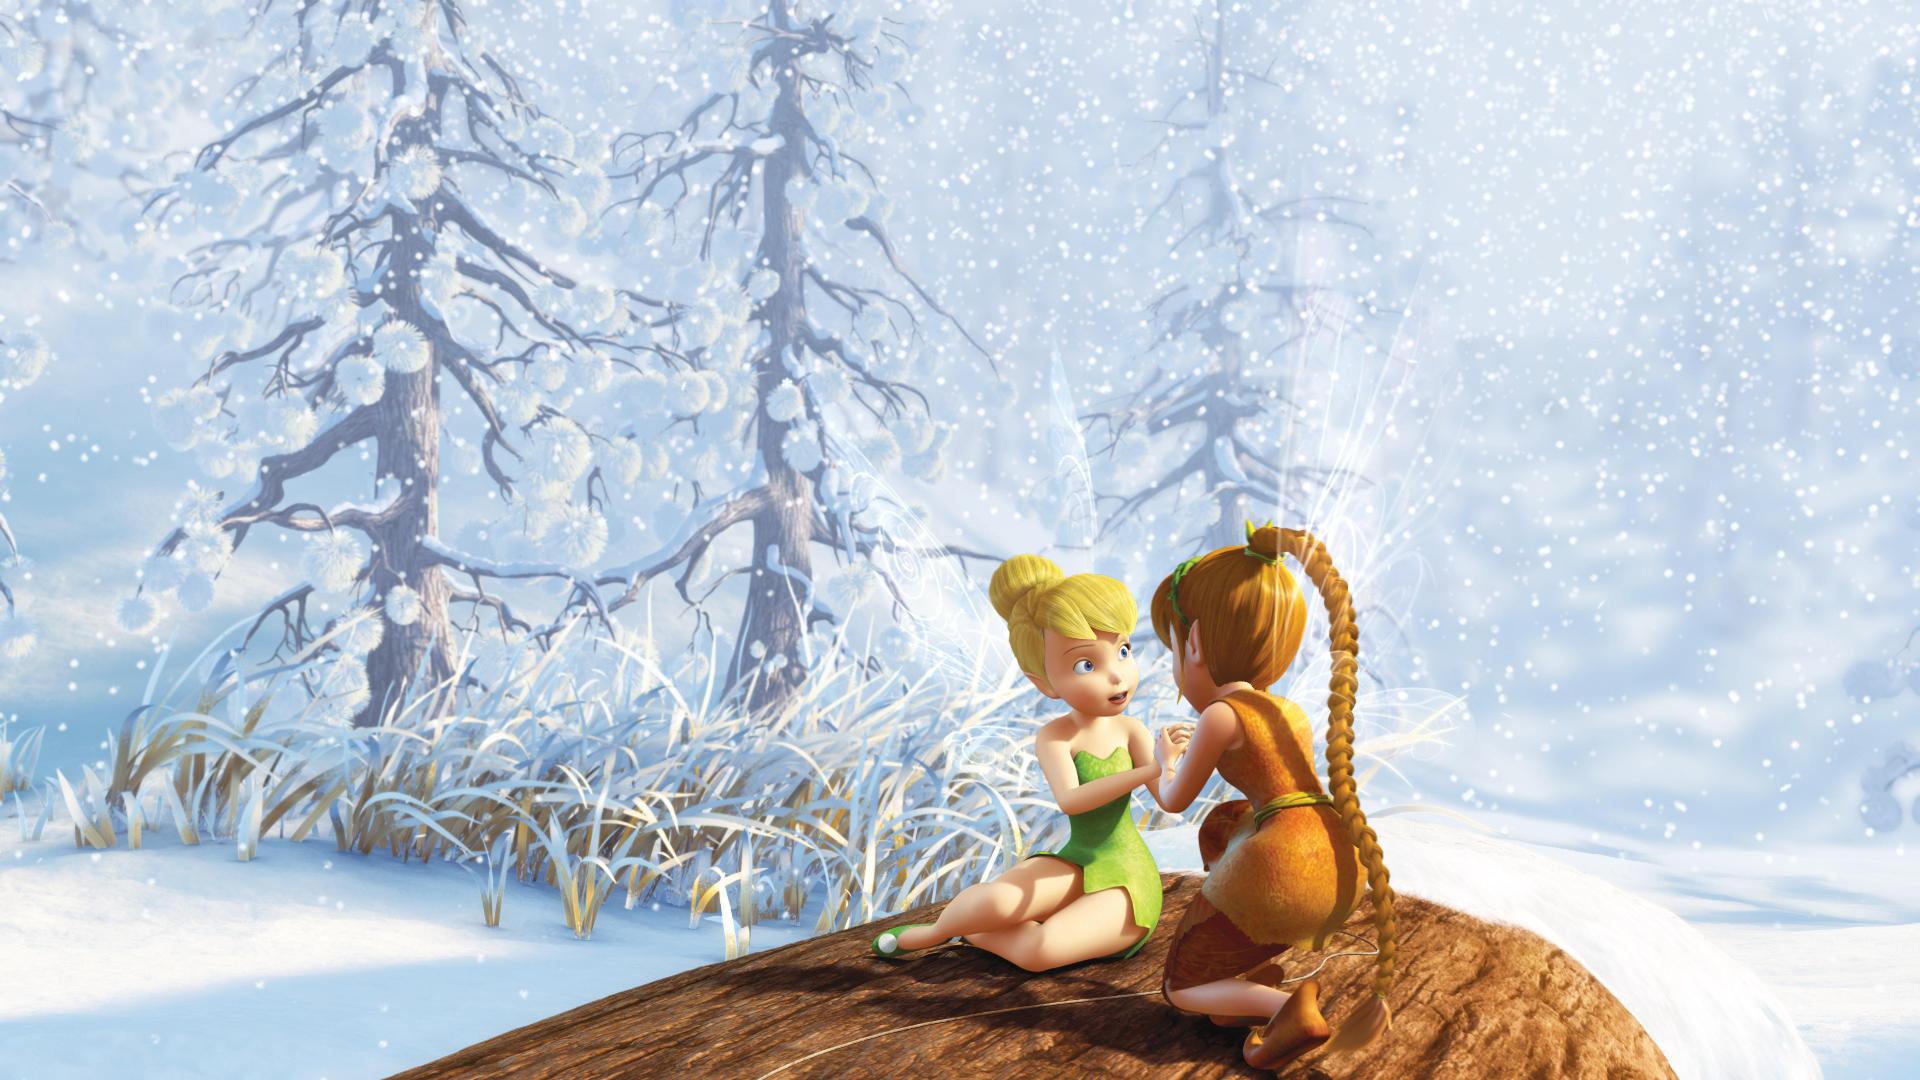 Фей тайна зимнего леса 11 фотография